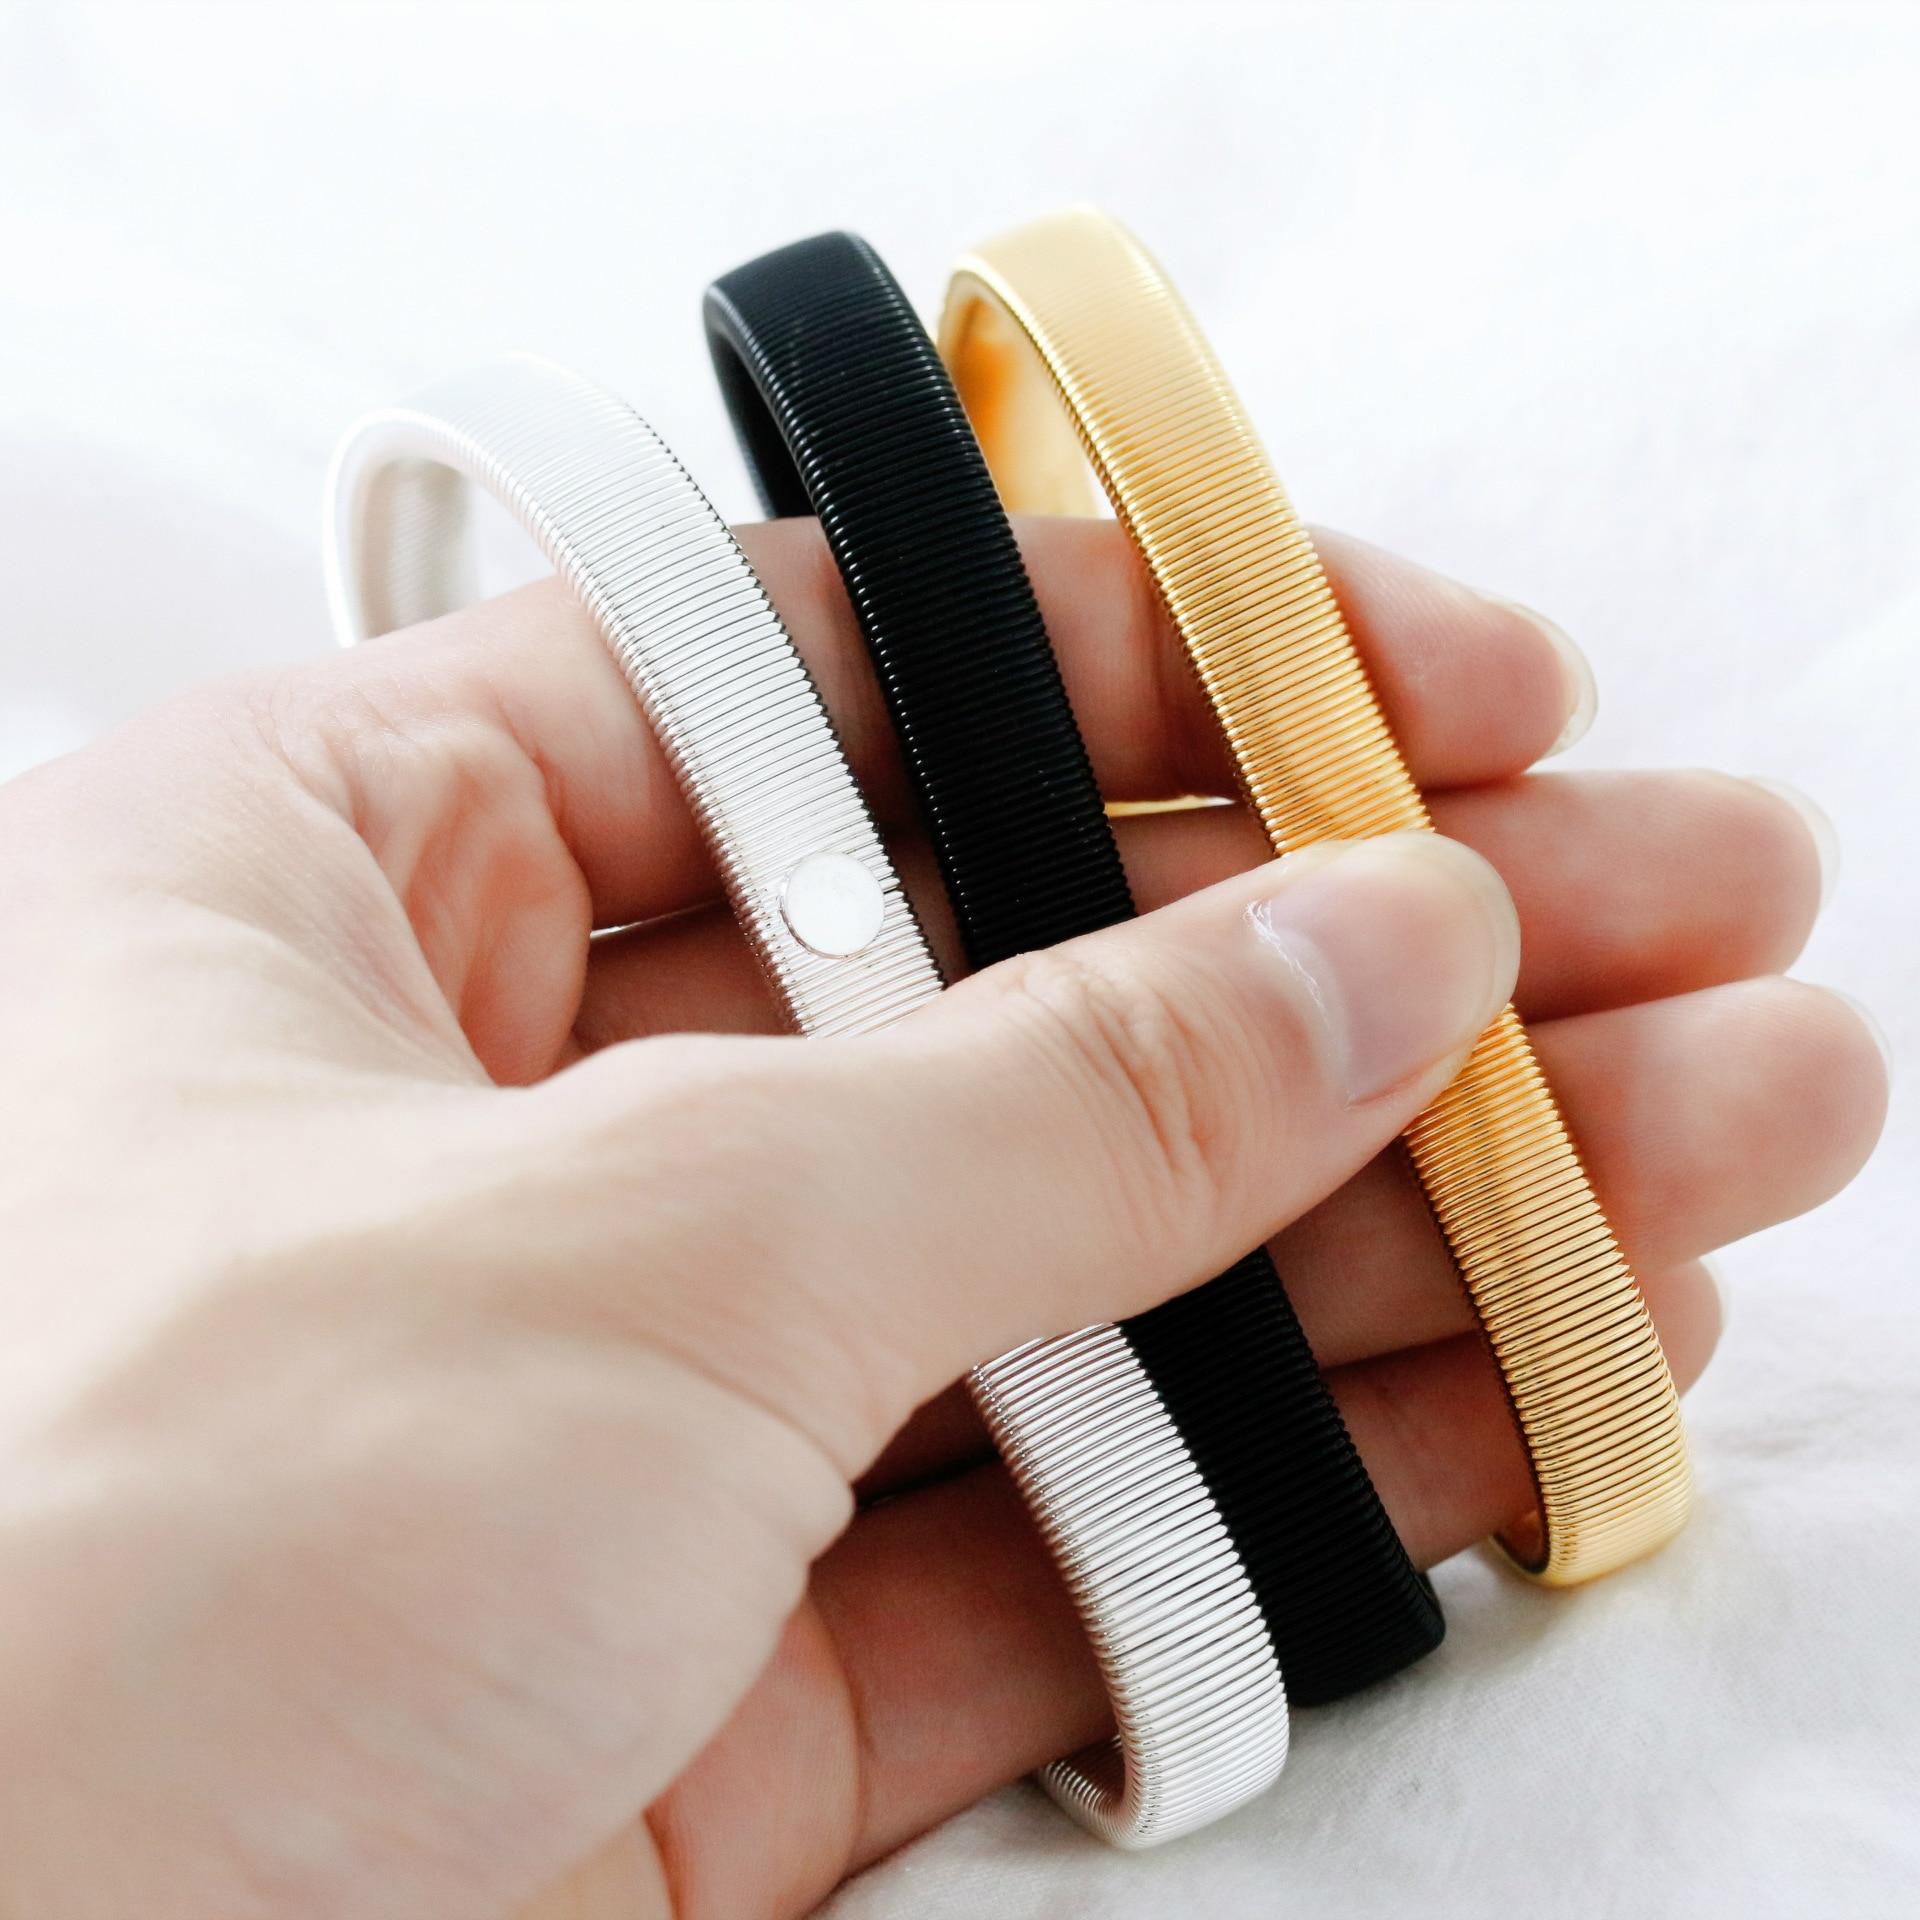 Fuentes de comercio exterior brazalete de metal de primavera para hombres brazalete protección del medio ambiente preservación del color de la pierna